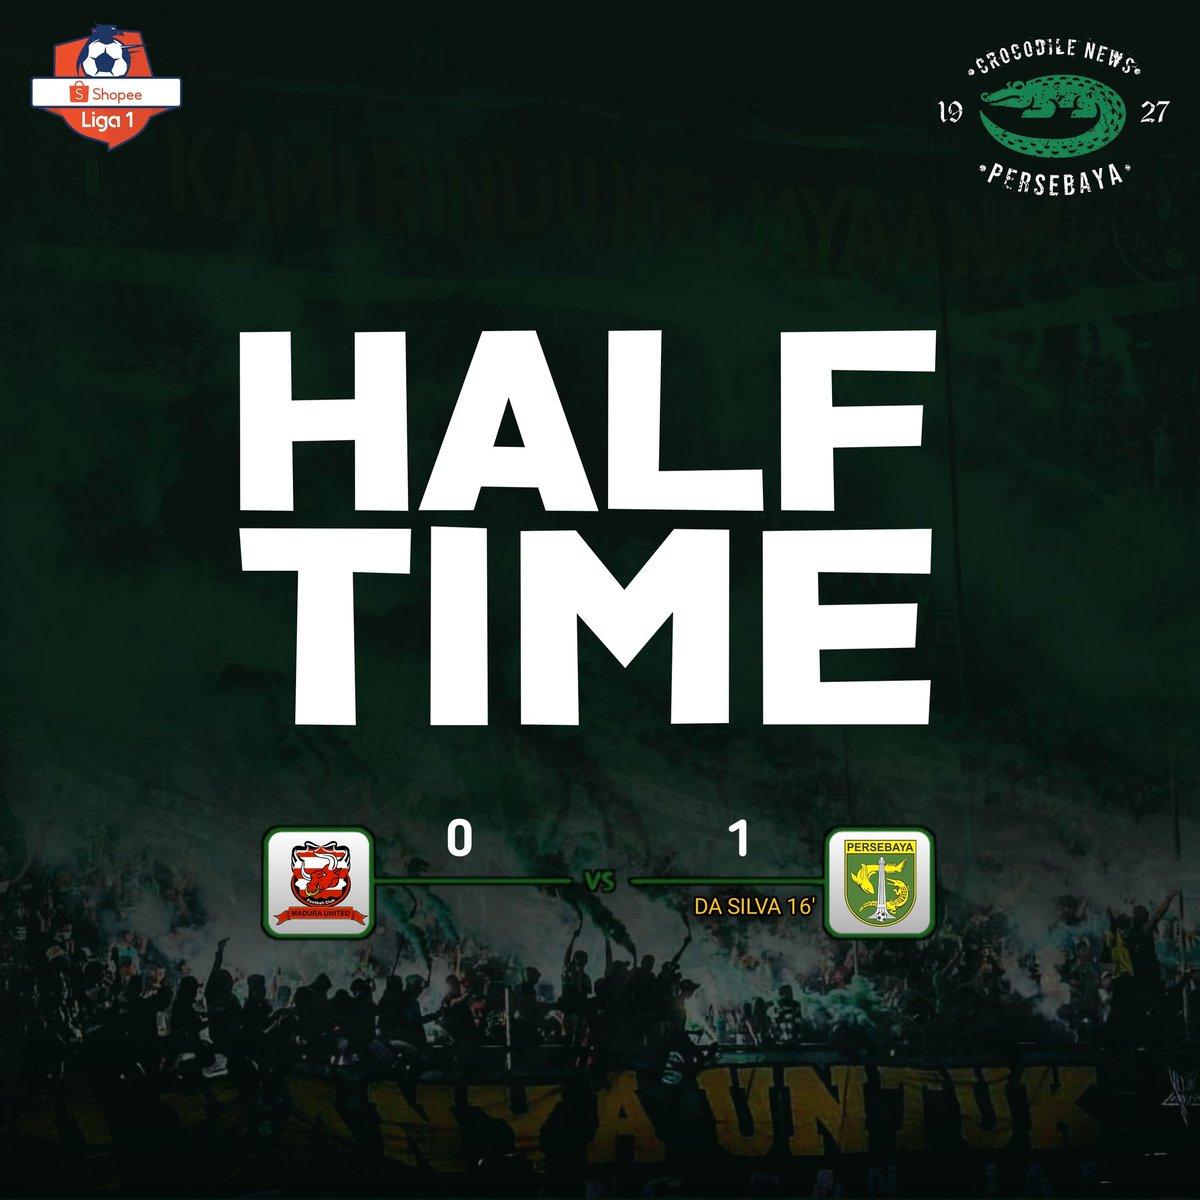 Half Time: Madura United 0-1 Persebaya _ ⚽️ Da Silva 16'  Semoga Babak kedua bisa nambah Gol atau bisa mempertahankan ke unggulan saat ini.  #Persebaya #bajolijo #greenforce #CrocodileNews #bonek #bonita #PersebayaDay